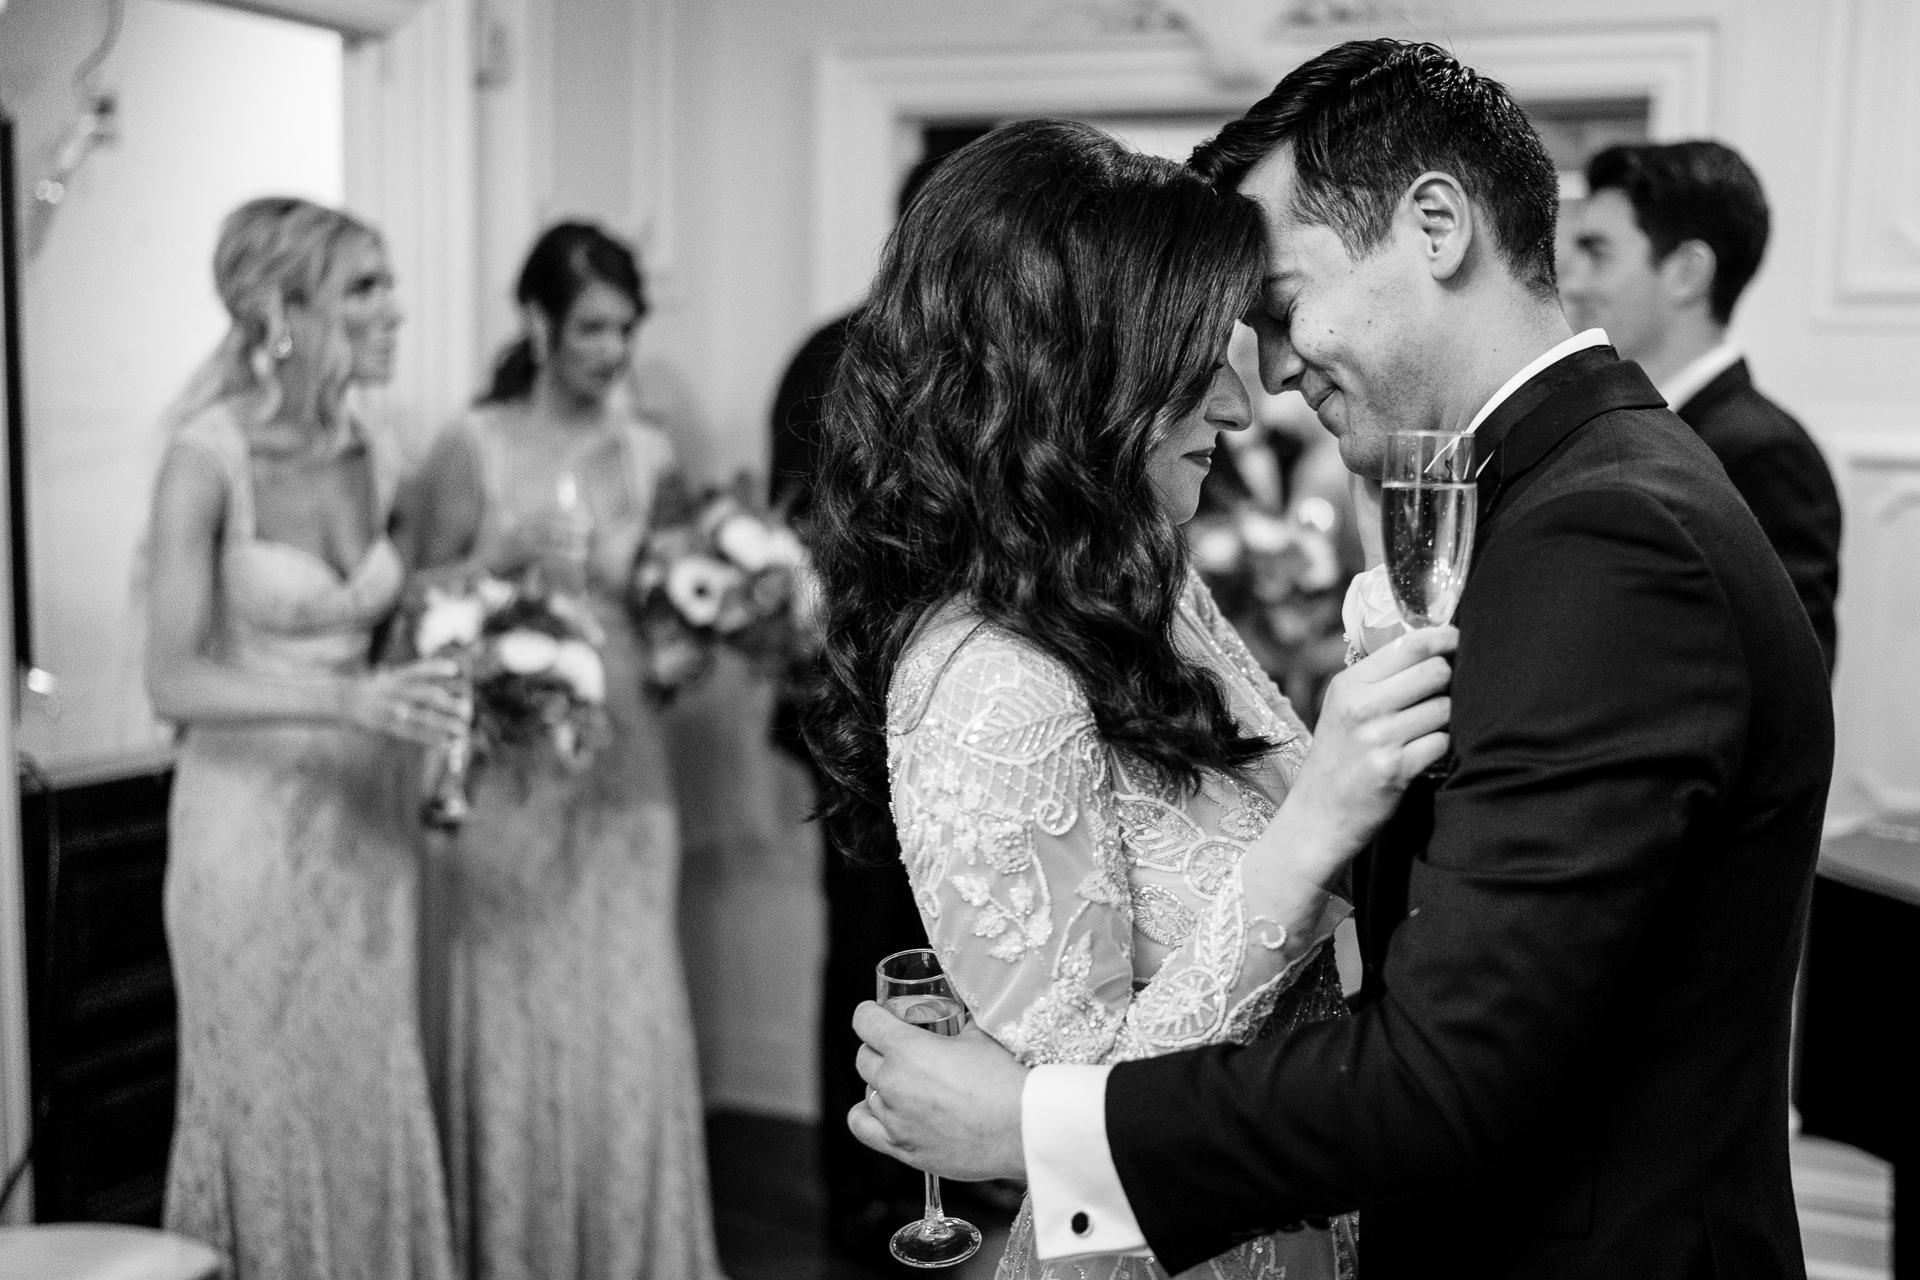 Foto van de bruid en bruidegom die in hun eigen kleine wereld wonen, even na de ceremonie | Romantische trouwfoto's